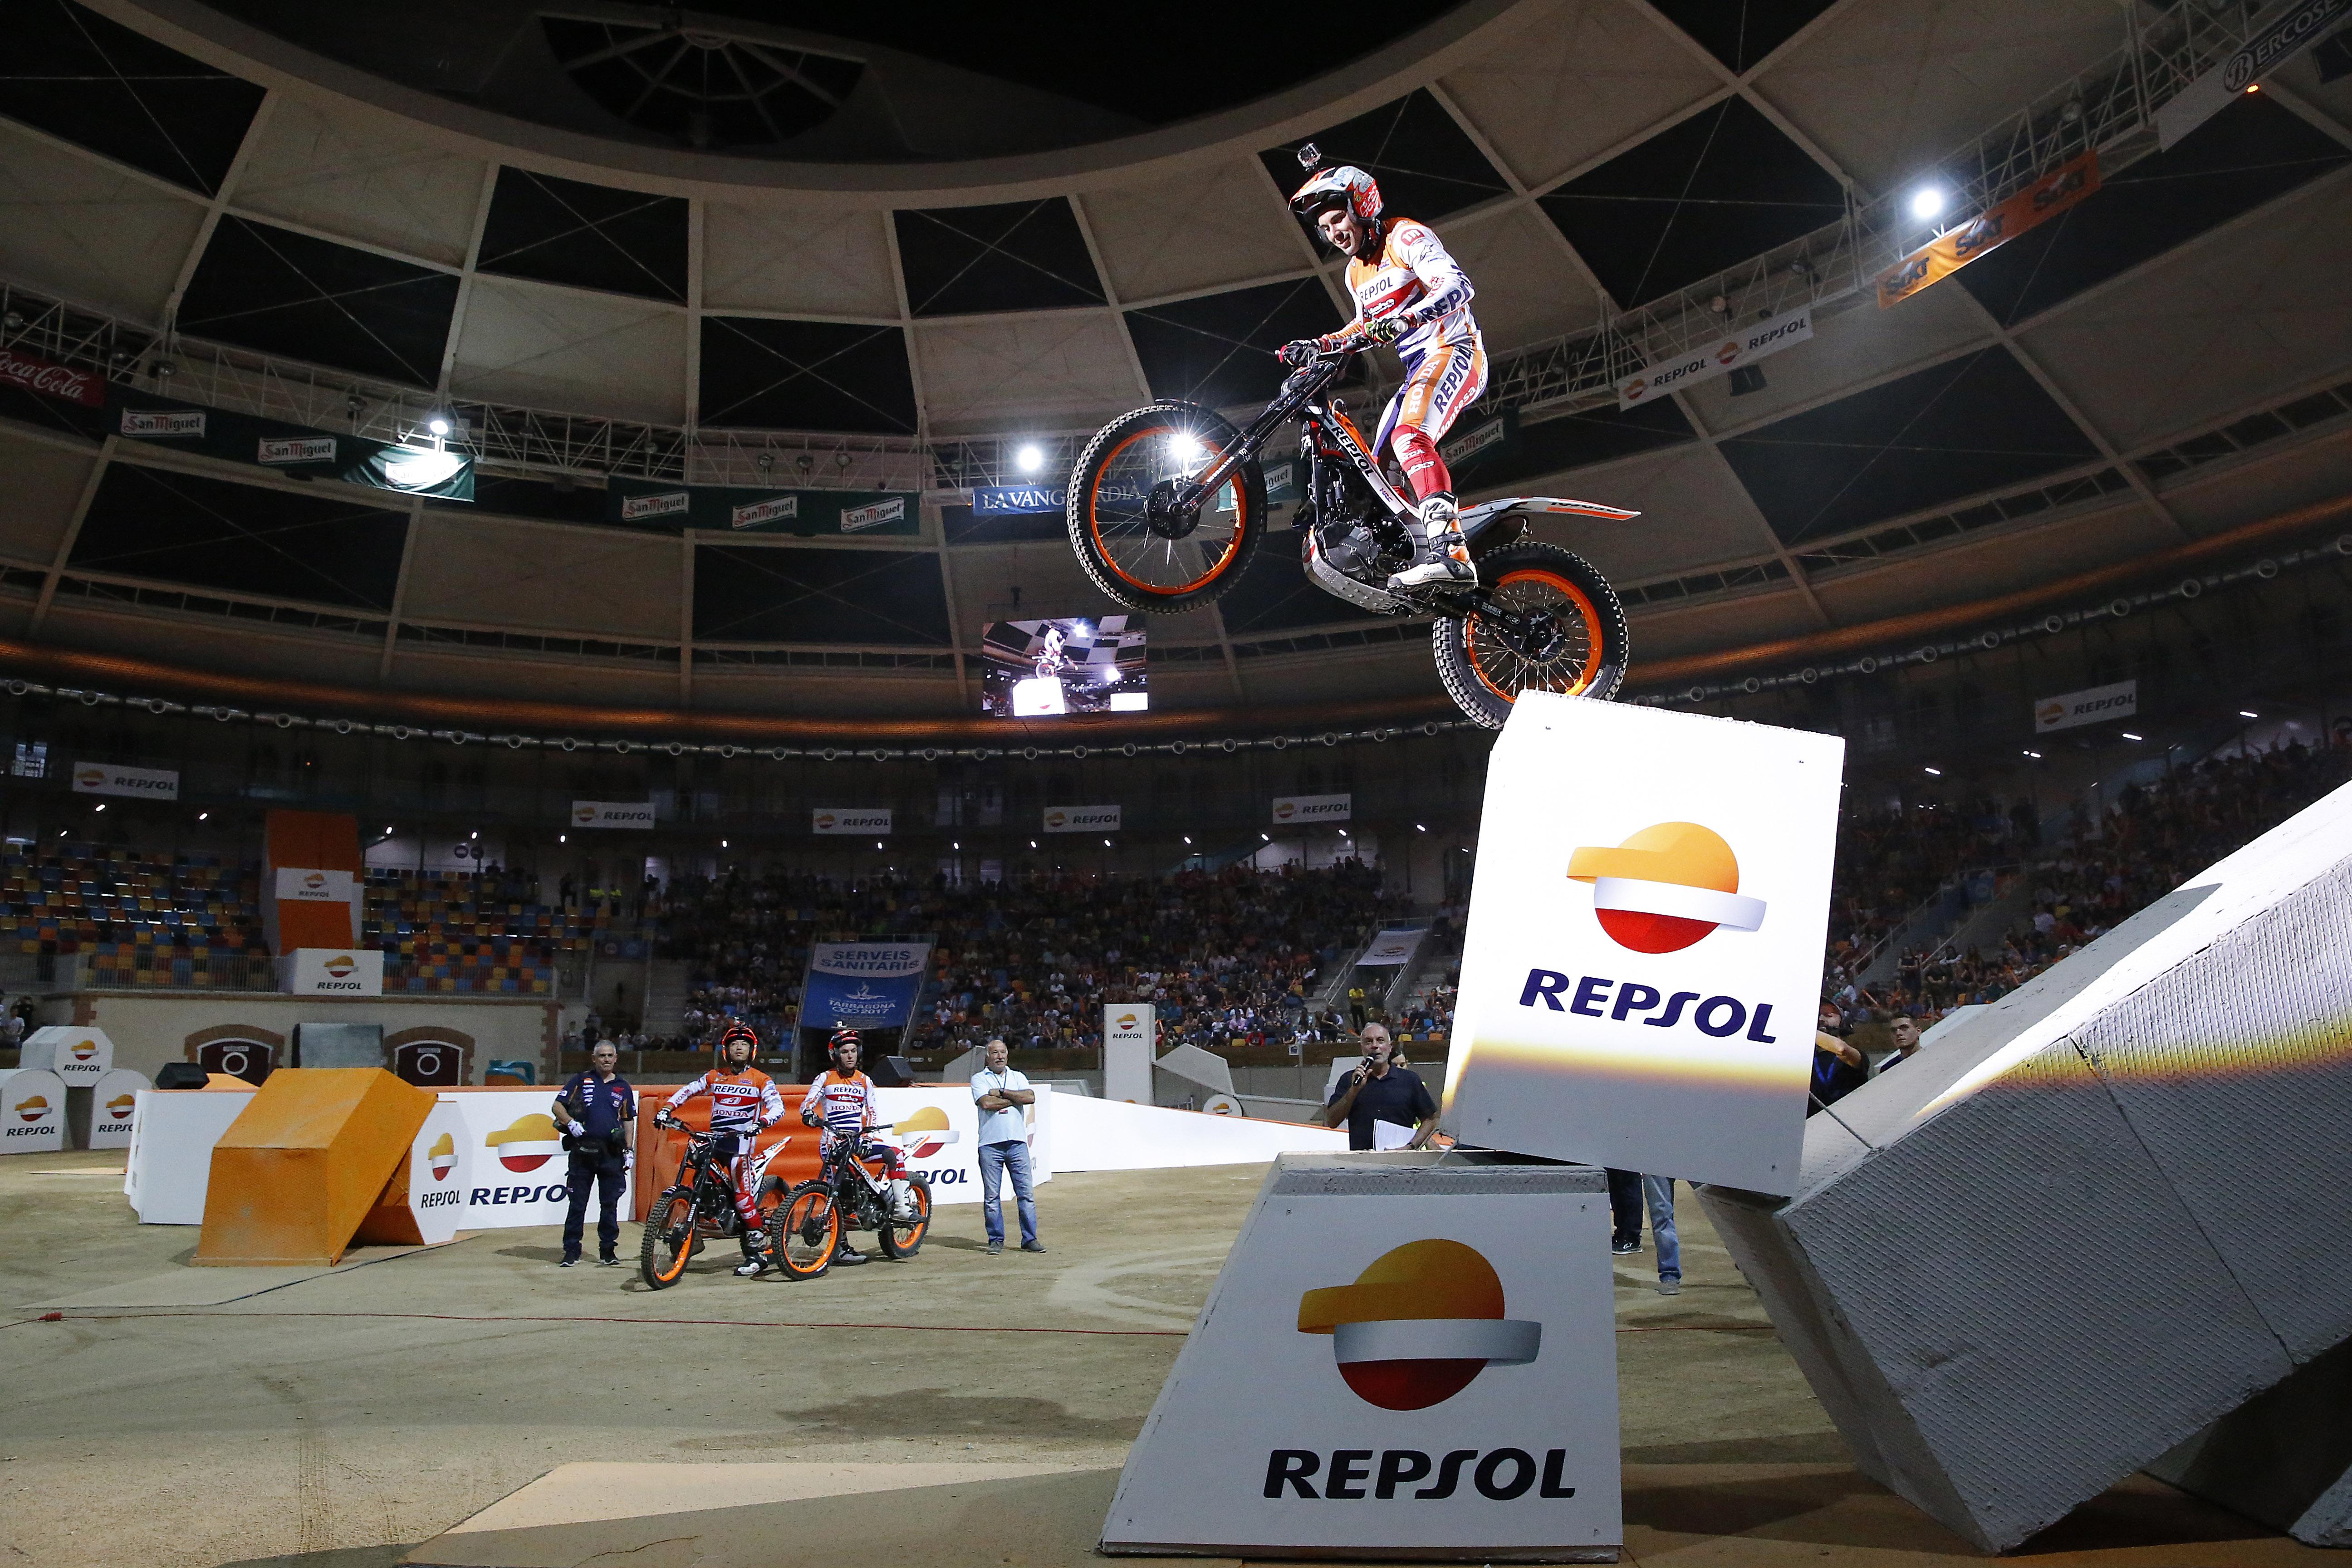 Toni Bou en equilibrio sobre un cubo con logo Repsol